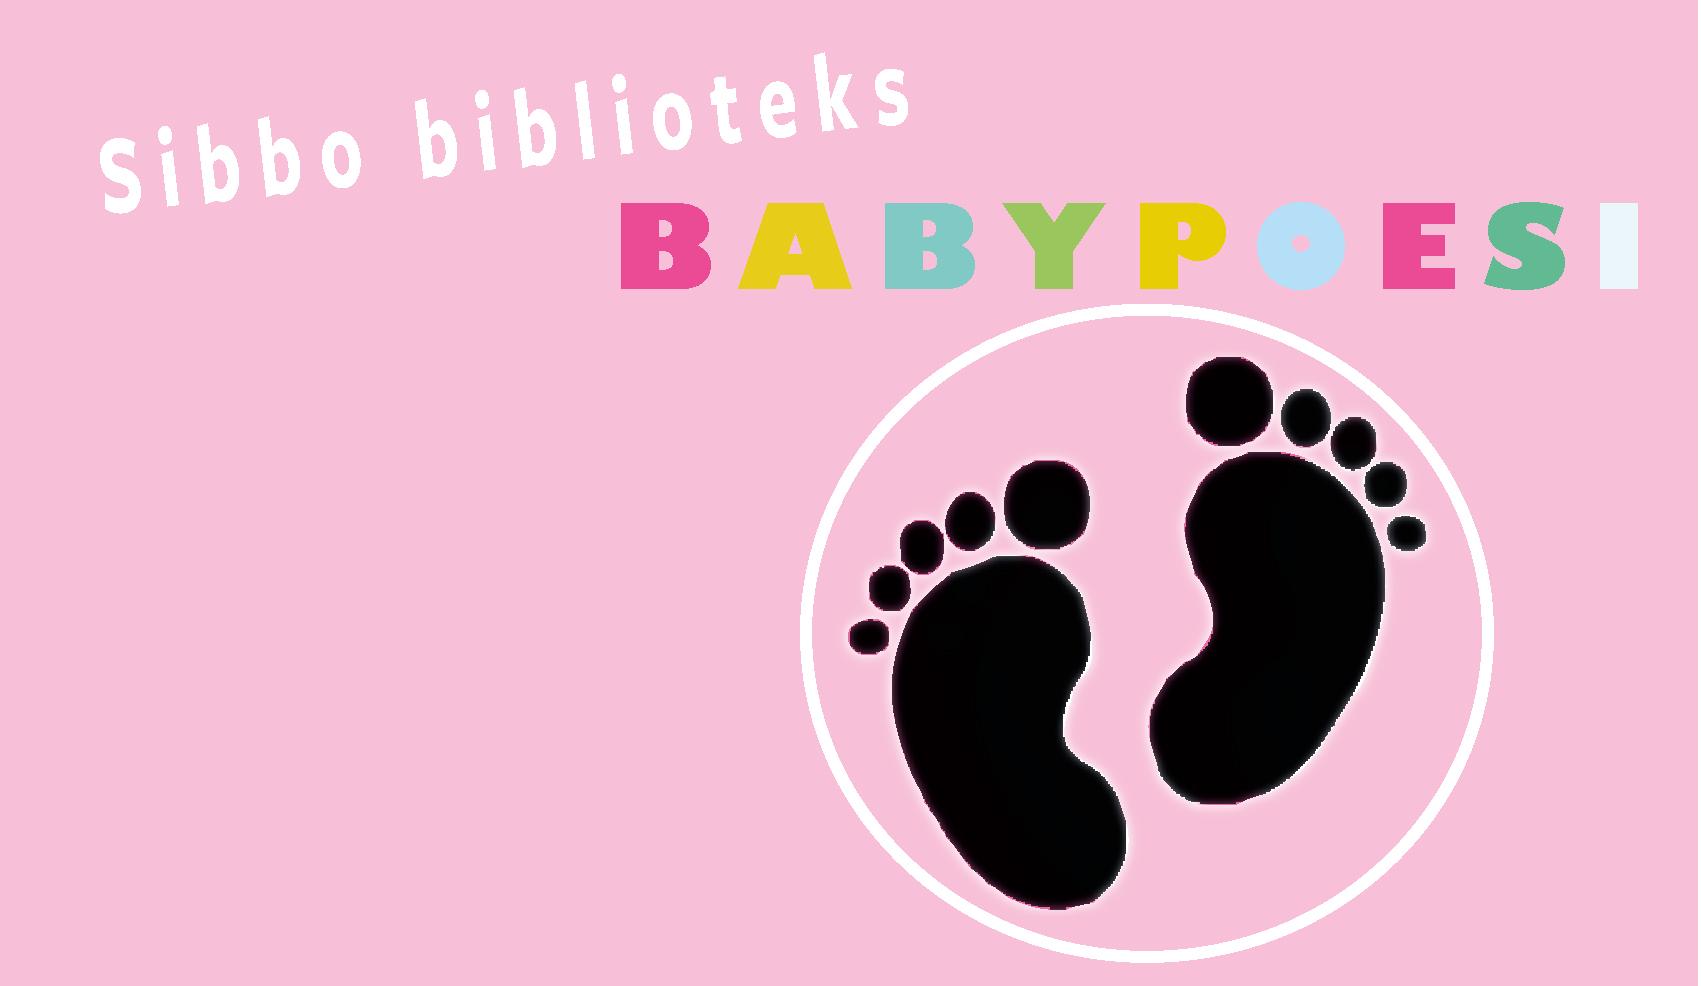 bibliotekets babypoesi